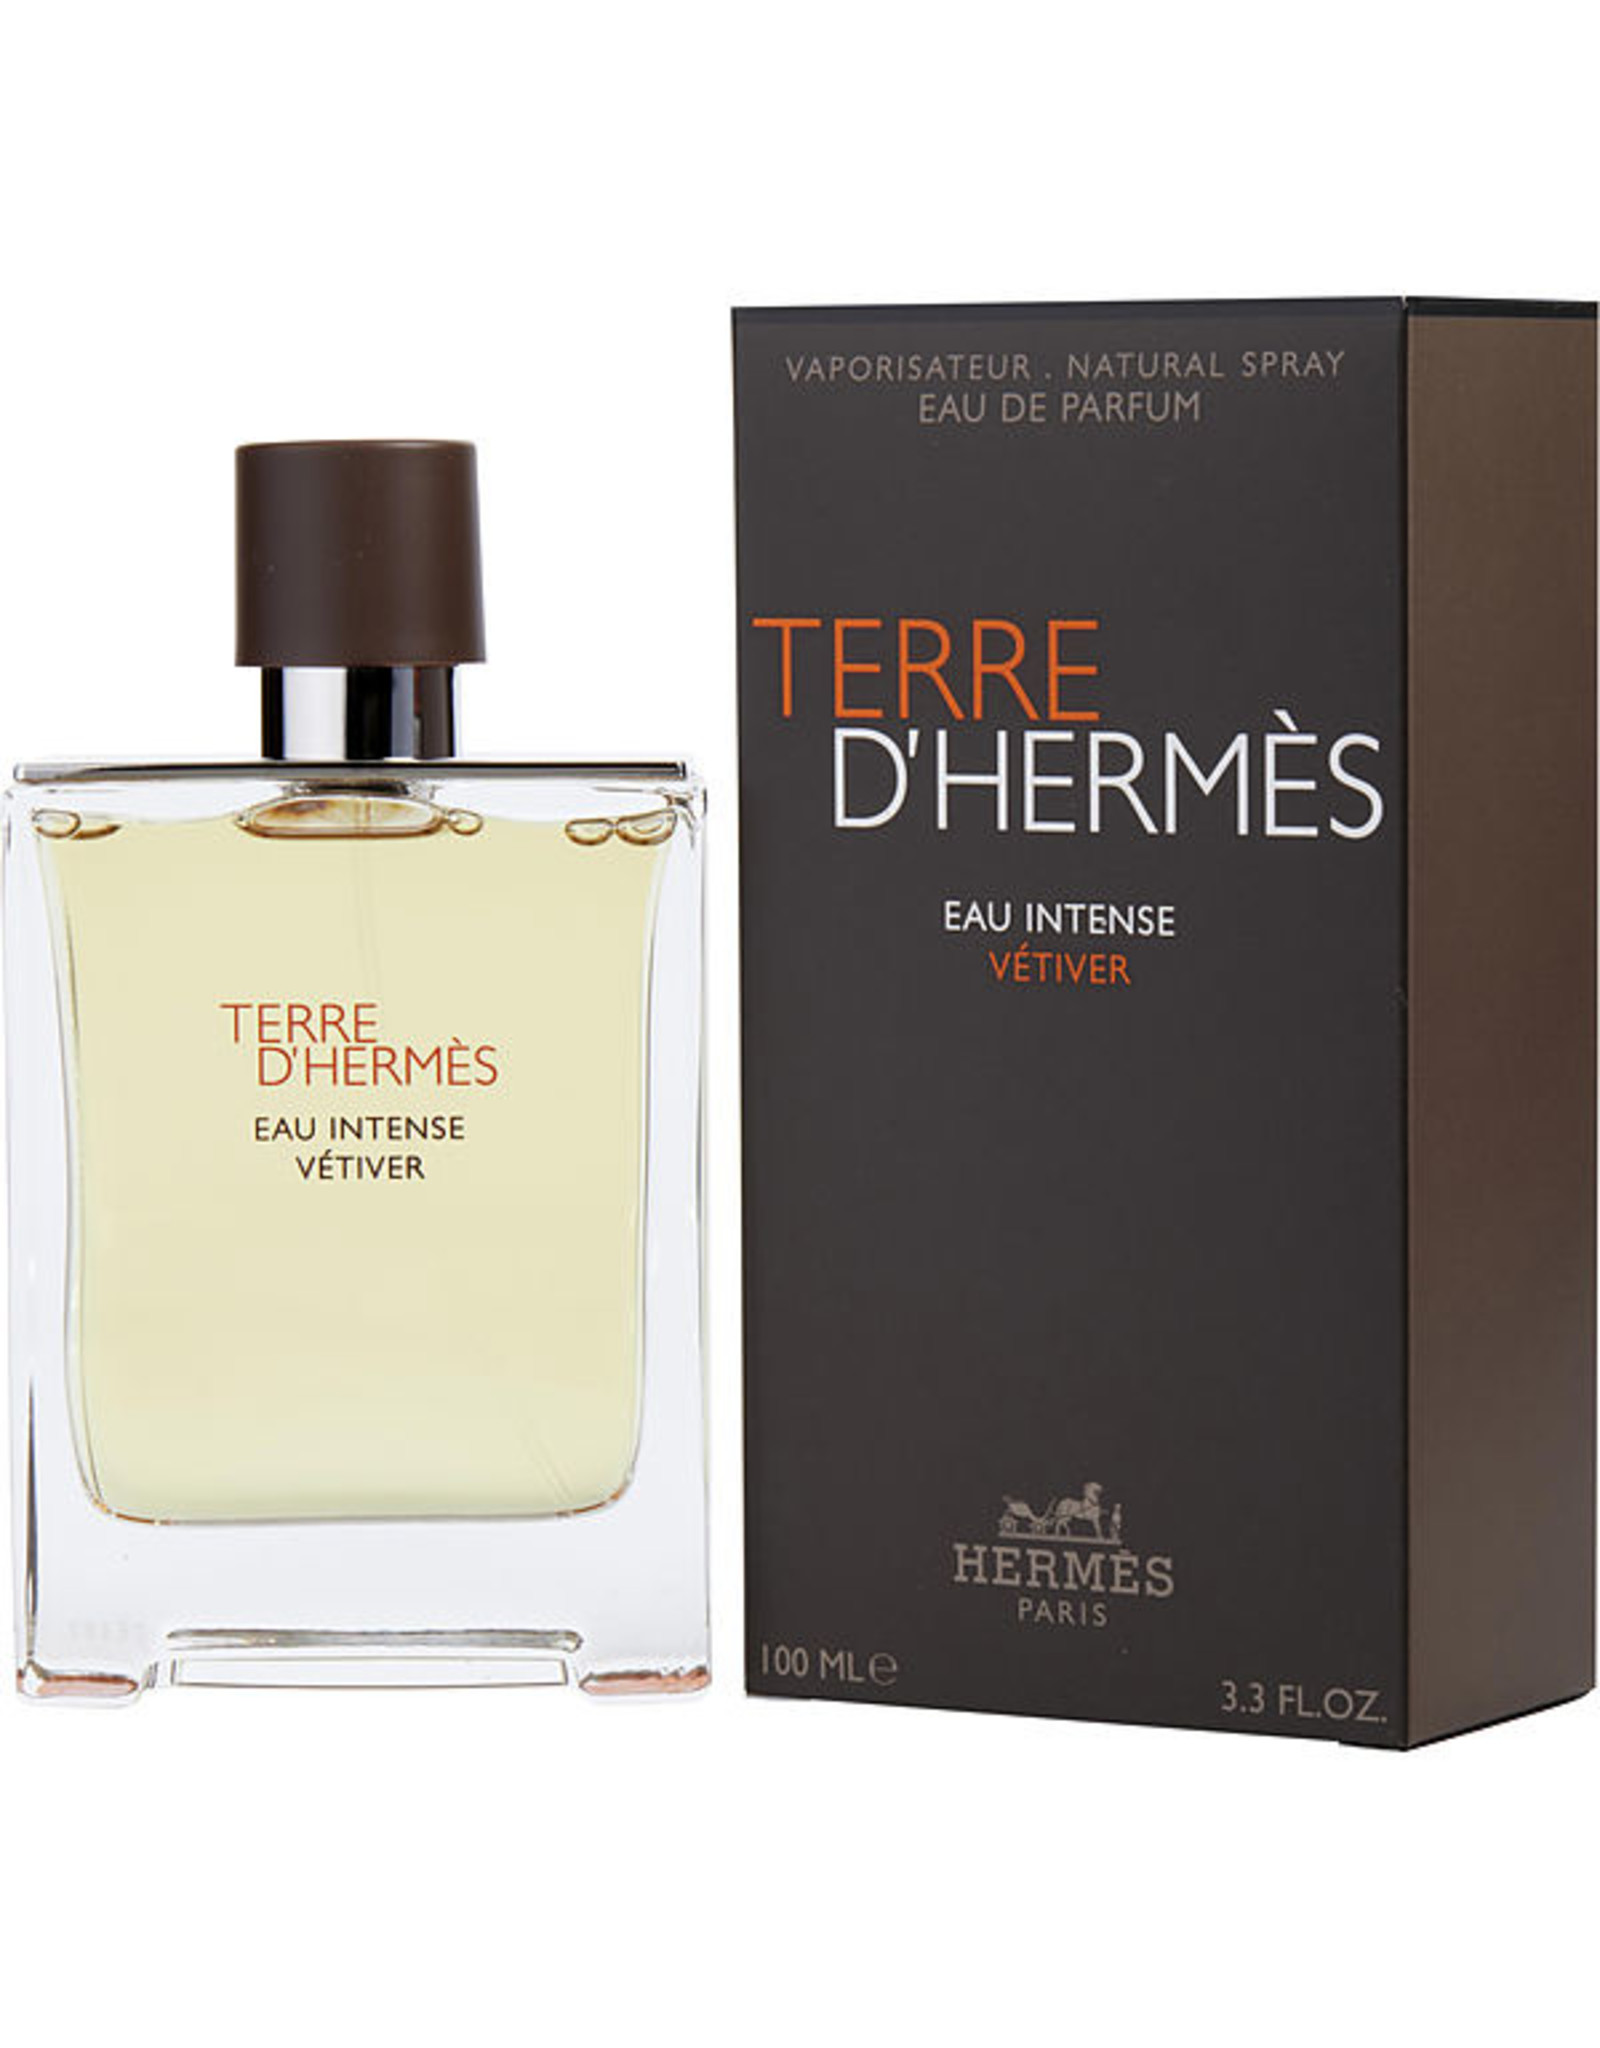 HERMES HERMES TERRE D'HERMES EAU INTENSE VETIVER